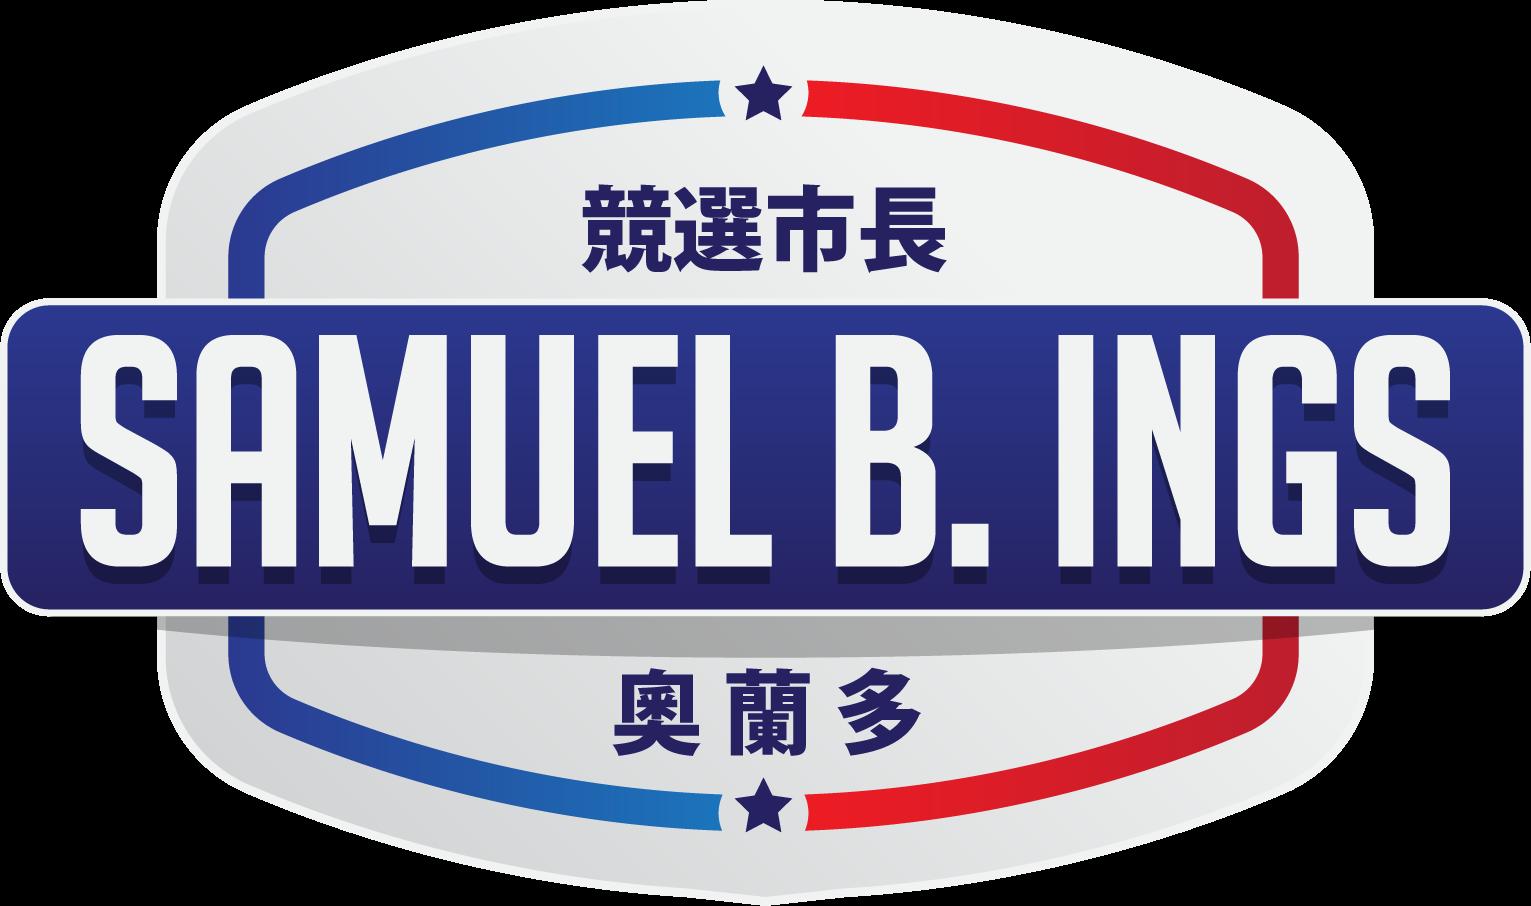 IngsMayor_Logo(chinese).png